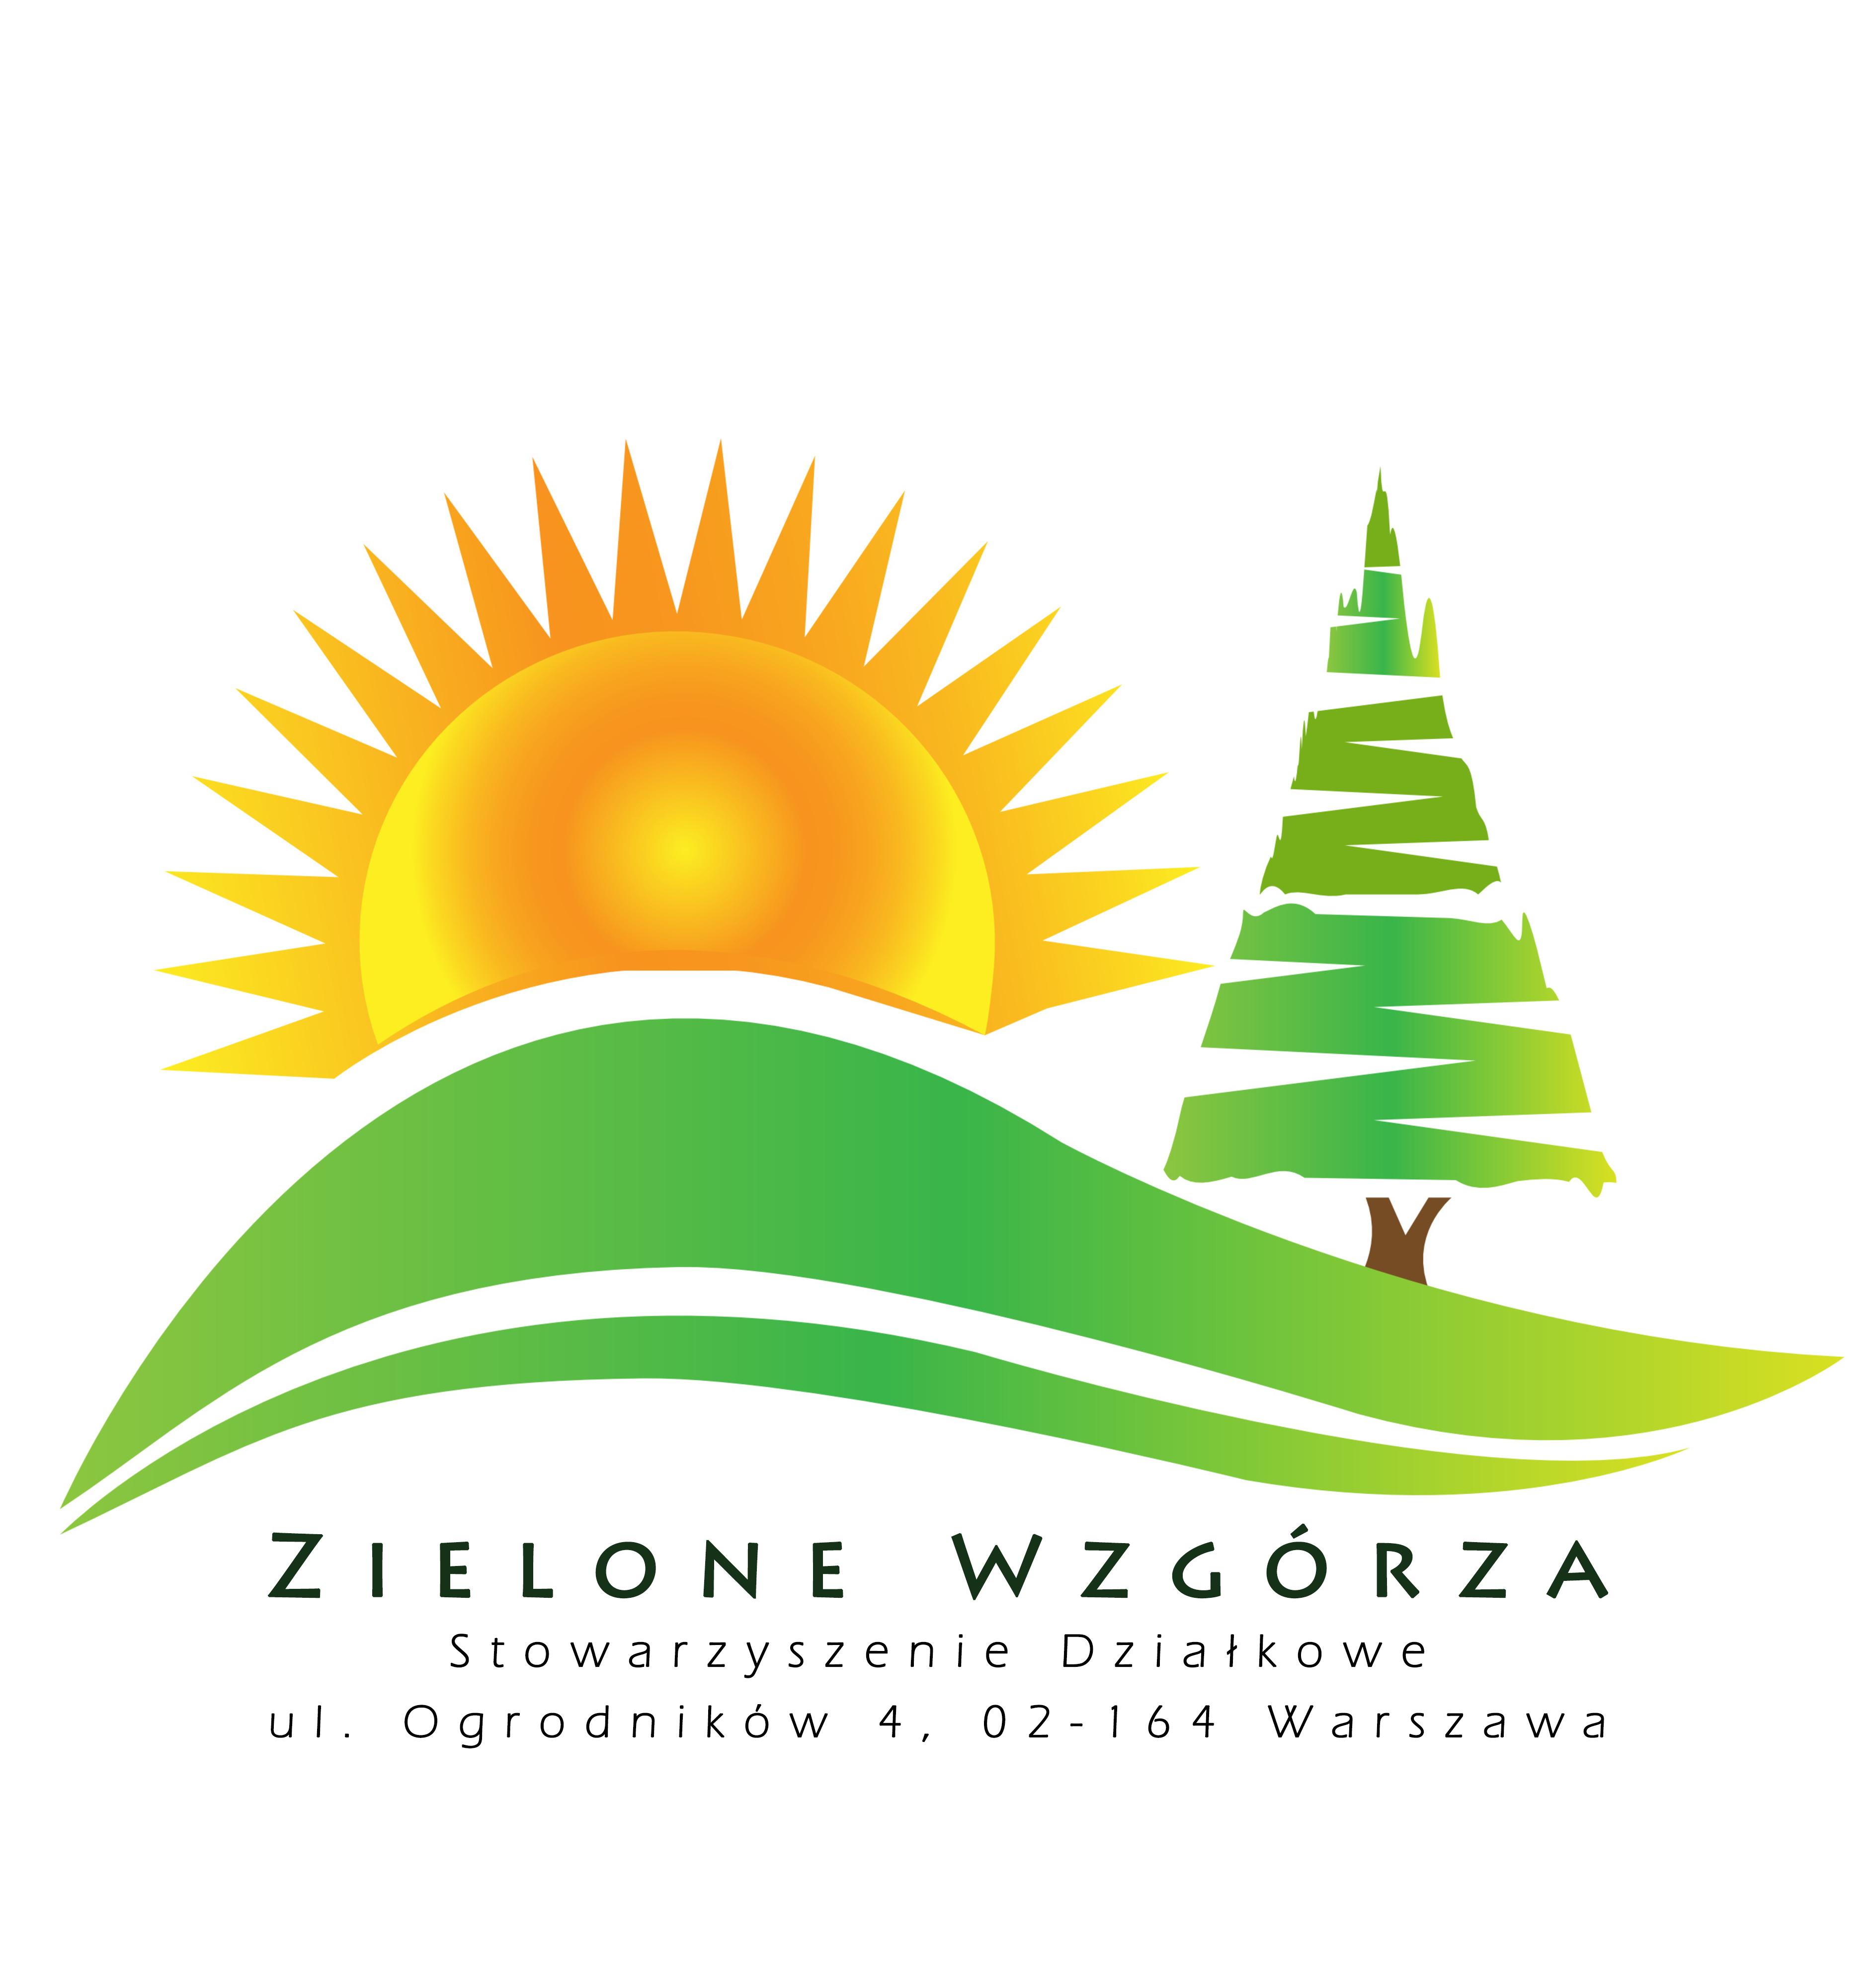 Stowarzyszenie Działkowe Zielone Wzgórza